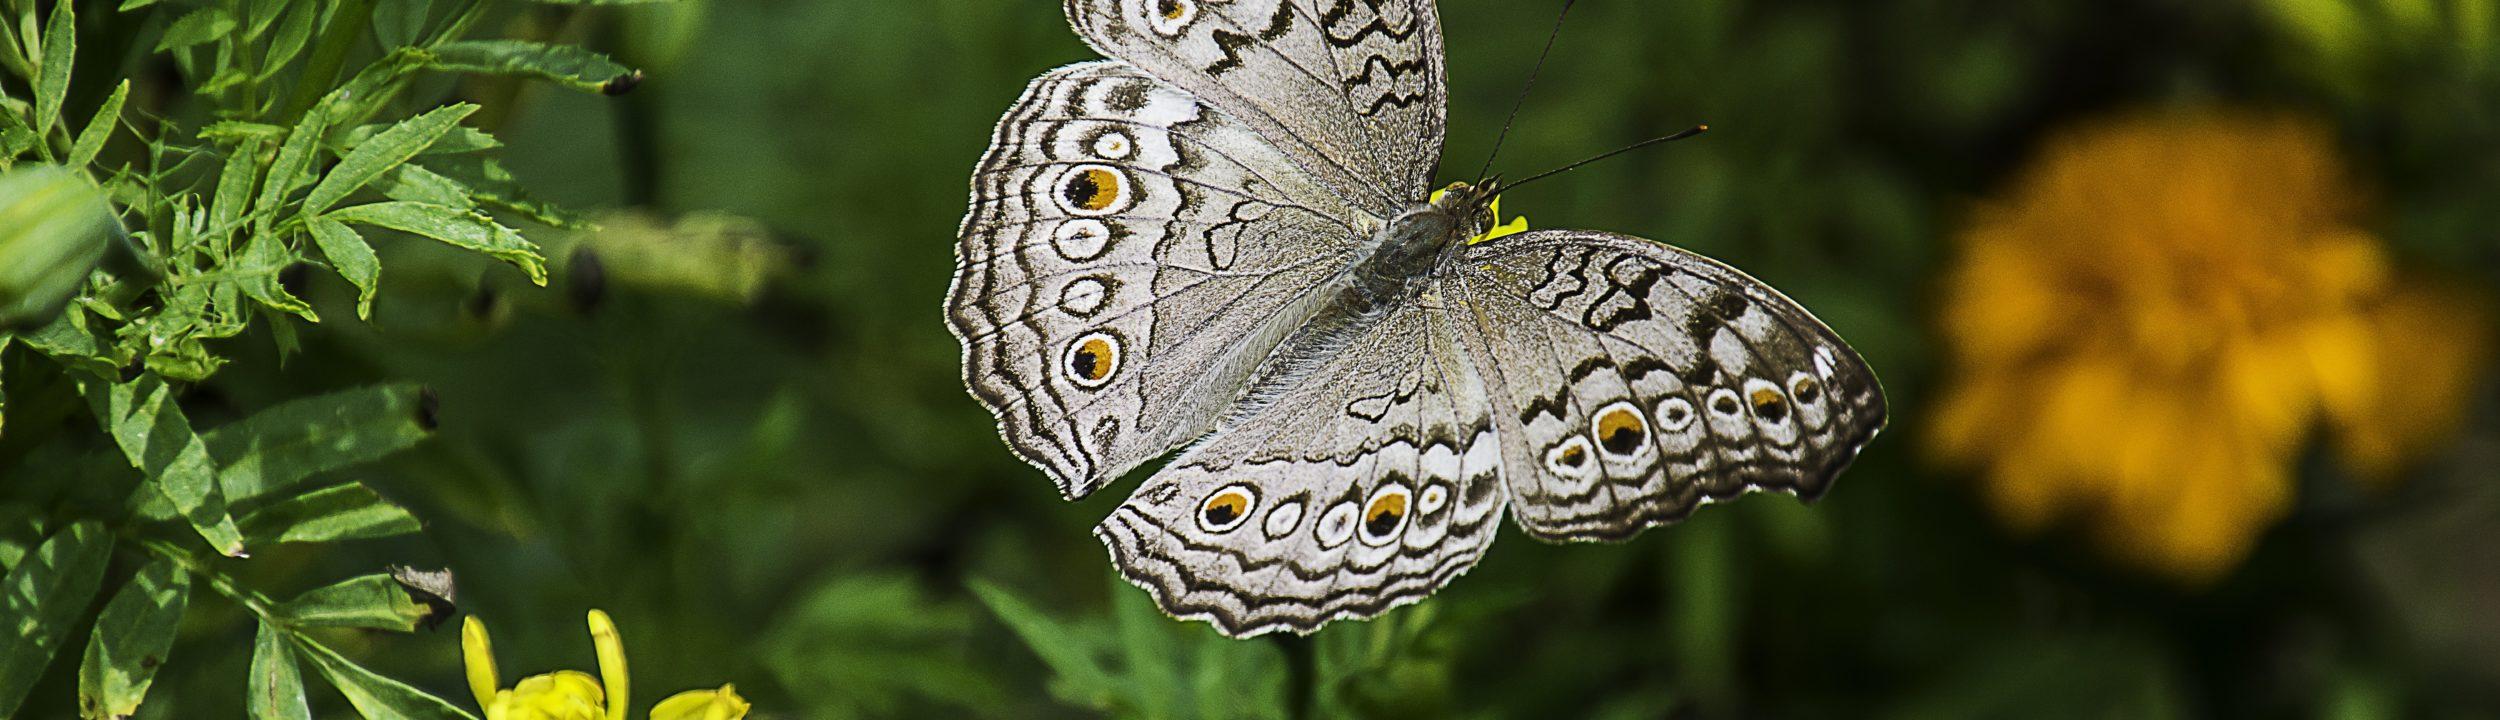 butterfly-1644189